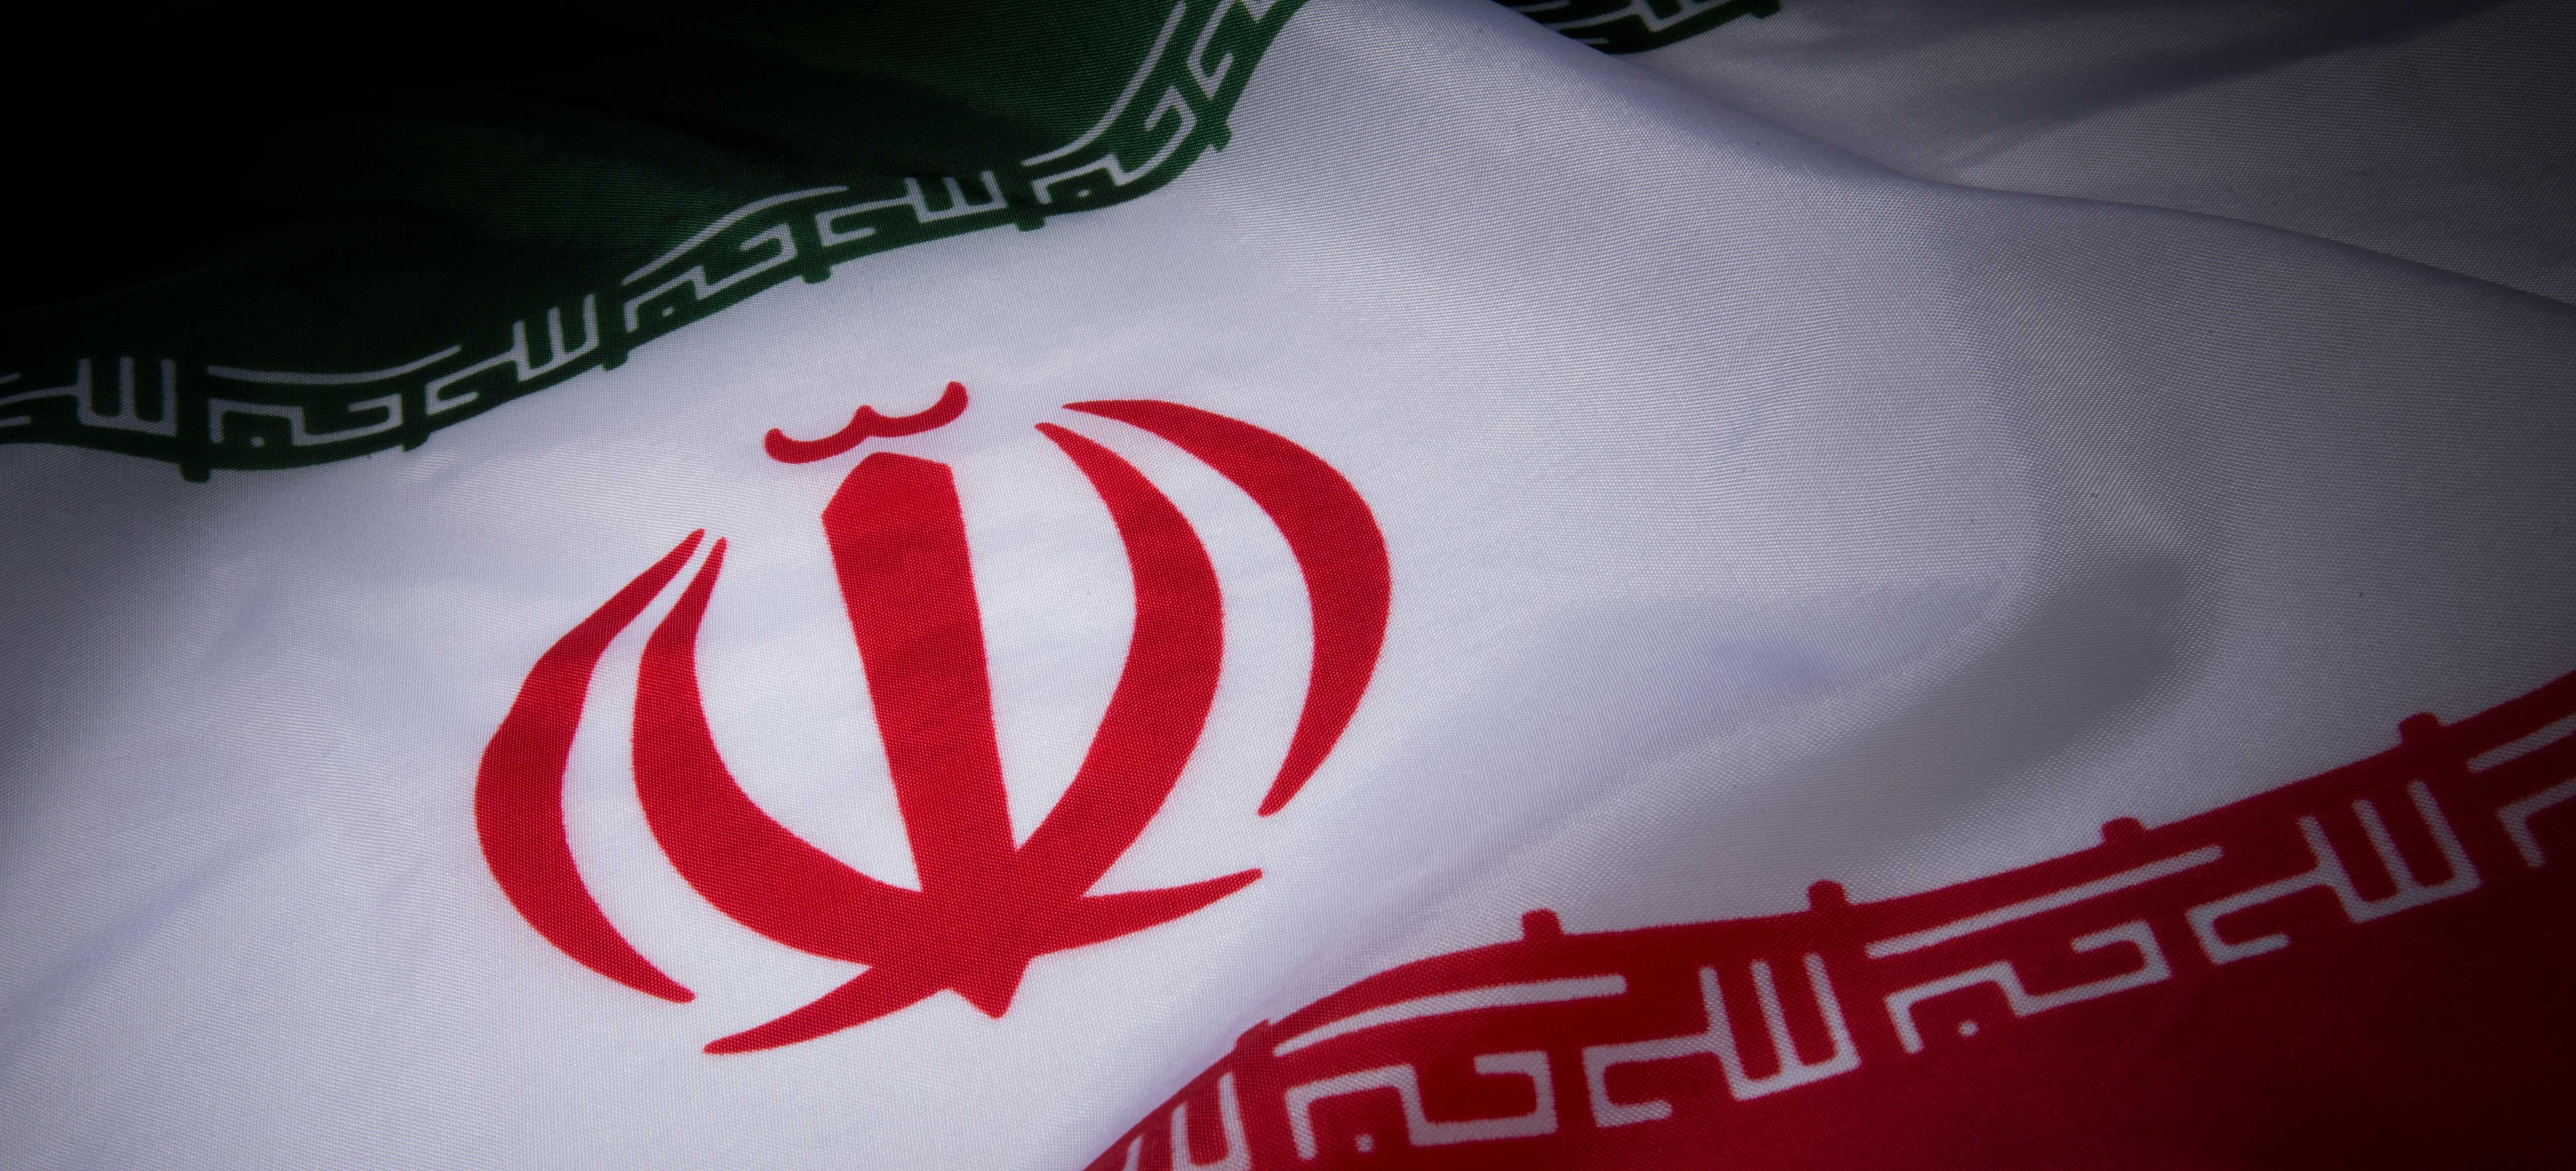 بیت کوین در ایران قانونی است؟